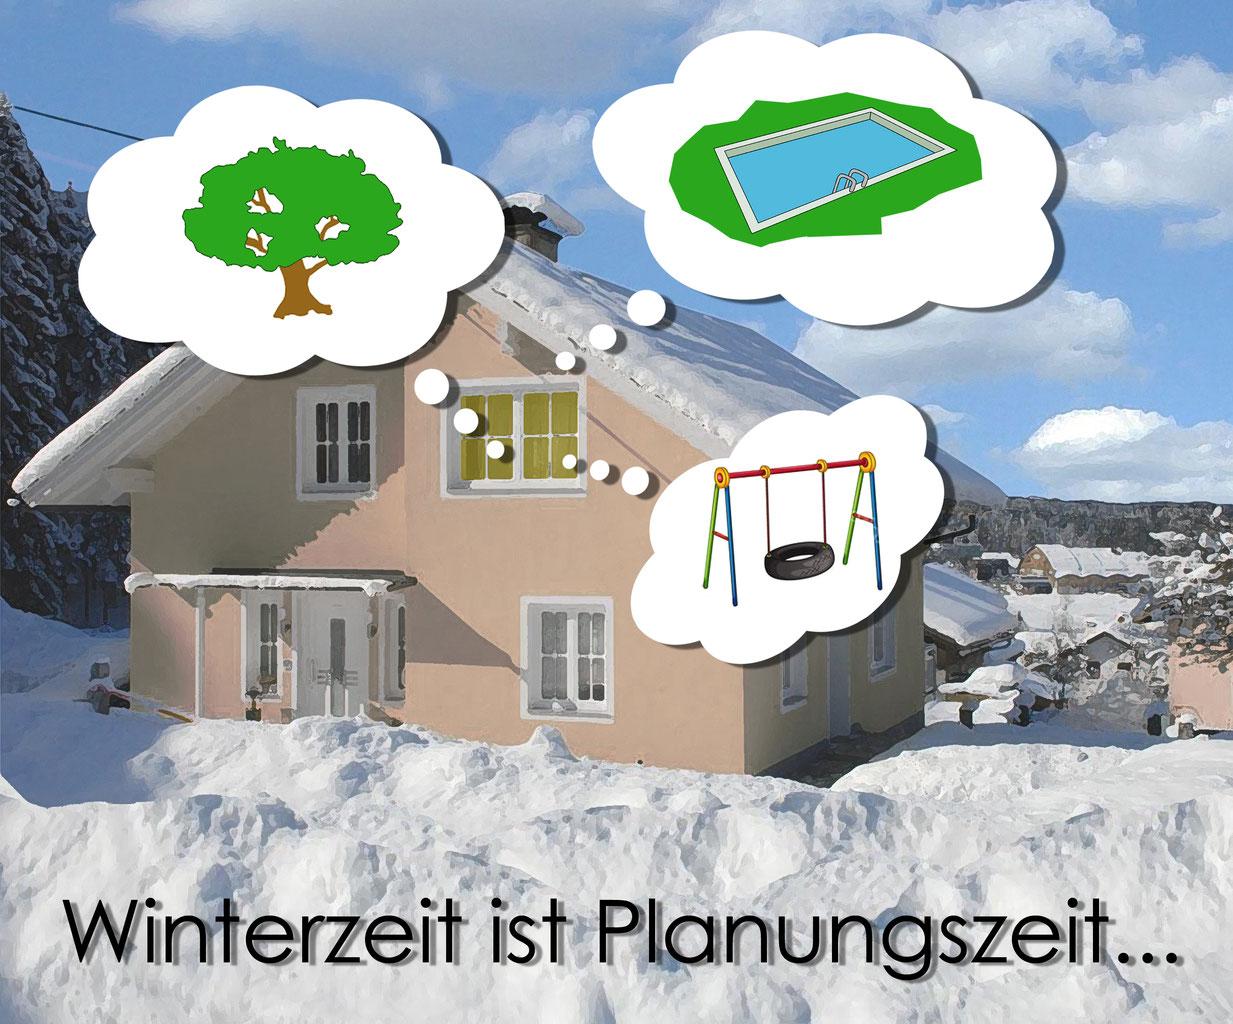 Winterzeit ist planungszeit torsten schlicht gartenplanung visualisierung hannover - Gartenplanung hannover ...